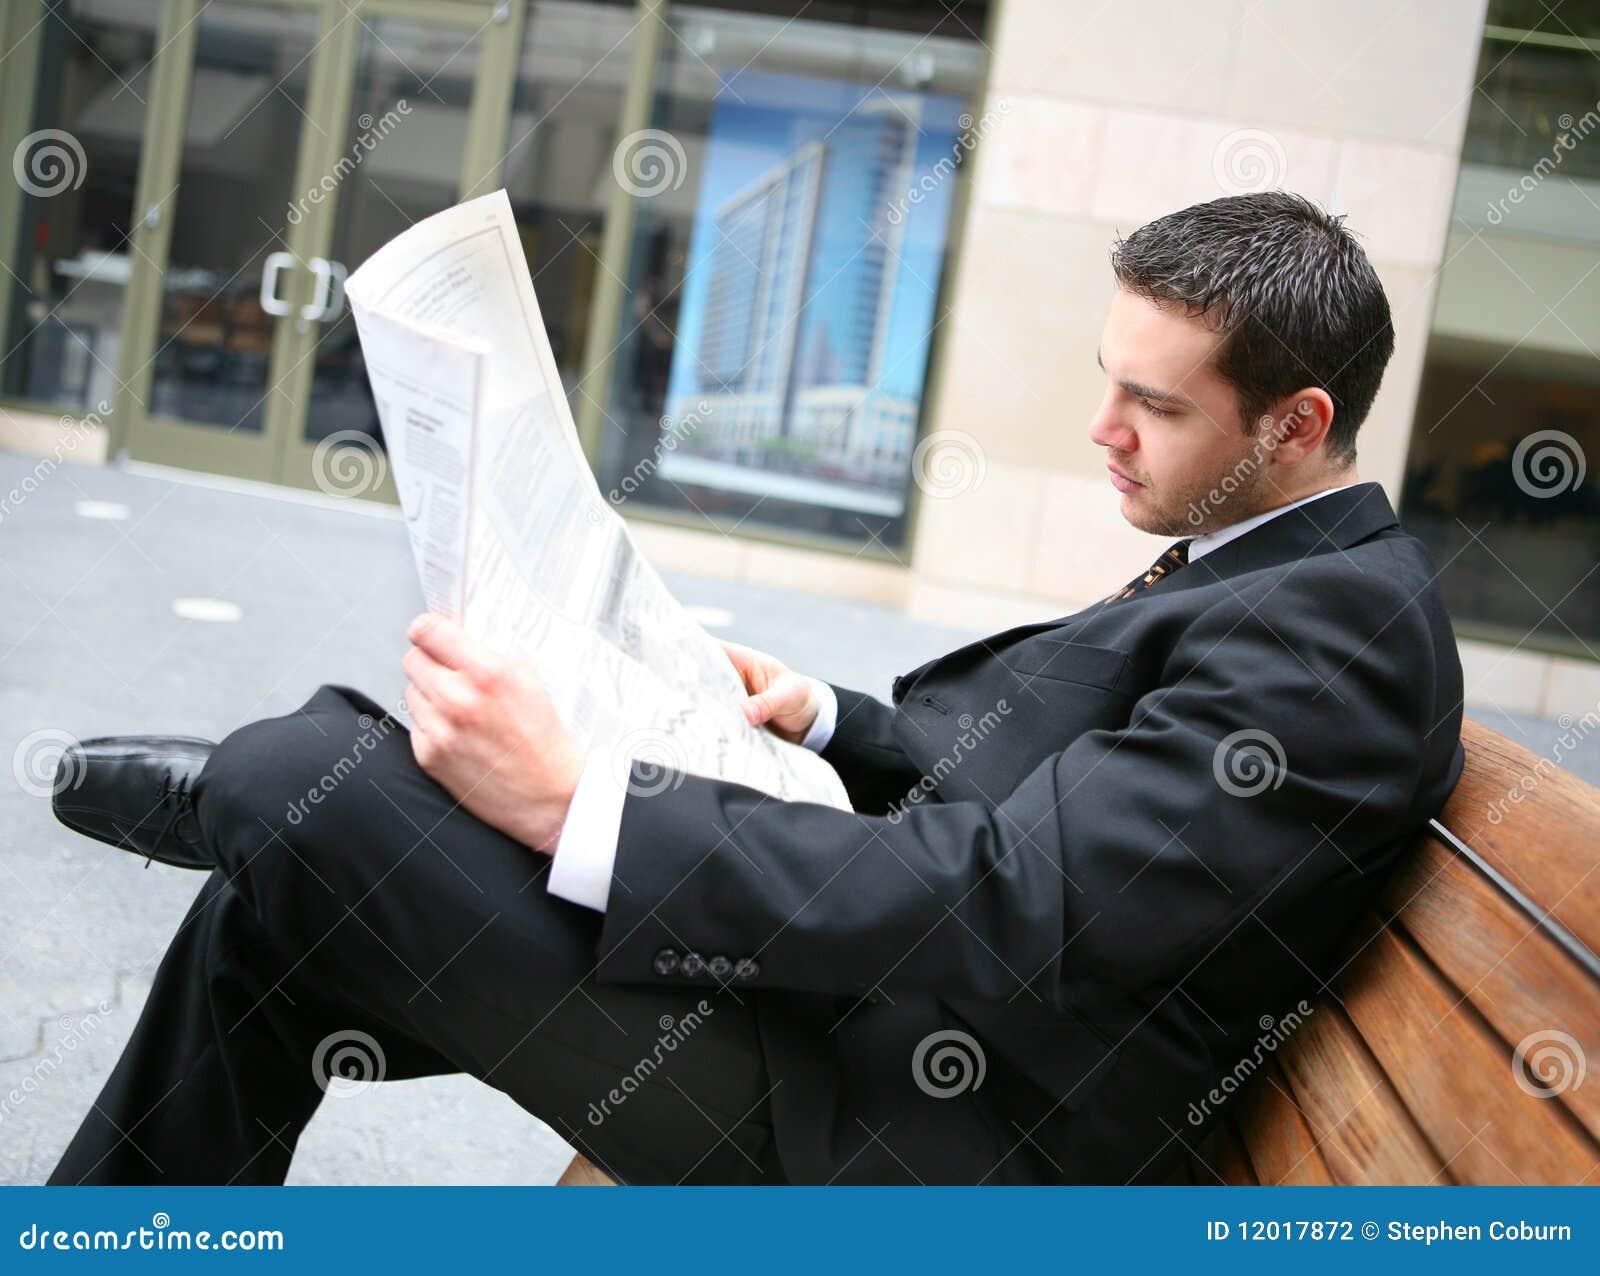 De Krant Lezing van de bedrijfs van de Mens